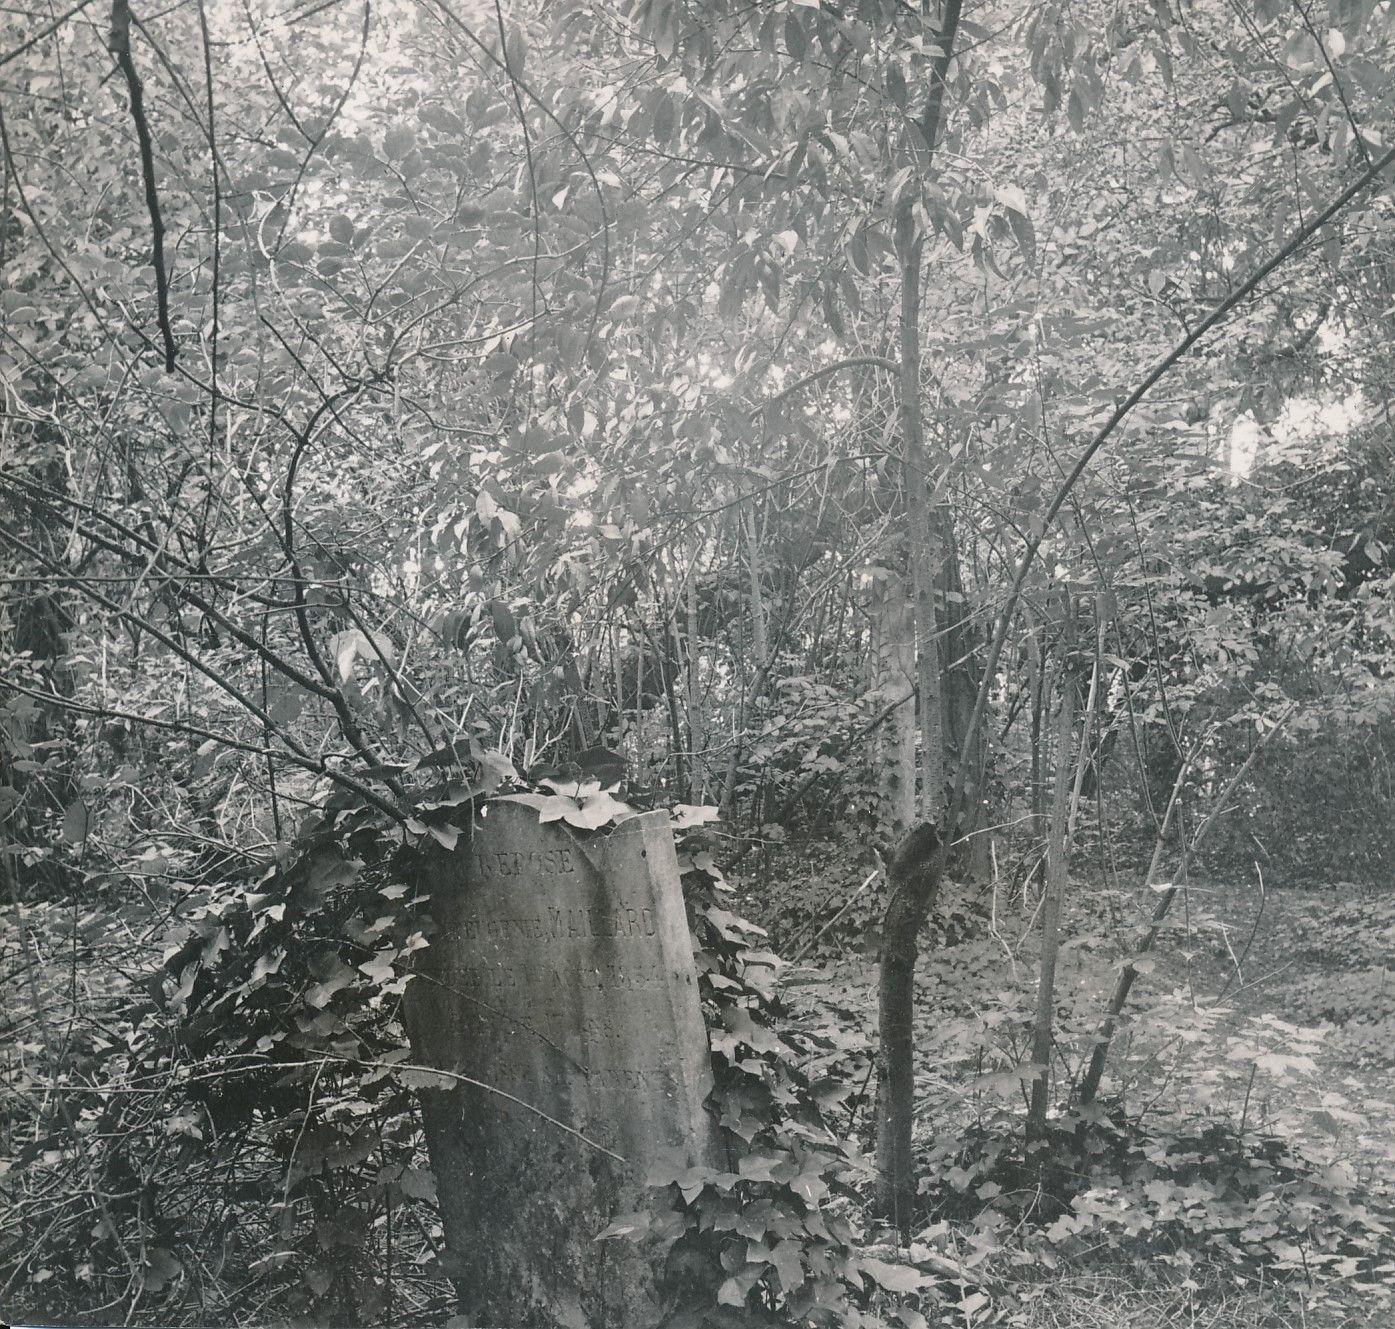 Кладбище в Лоншане. Старое надгробие